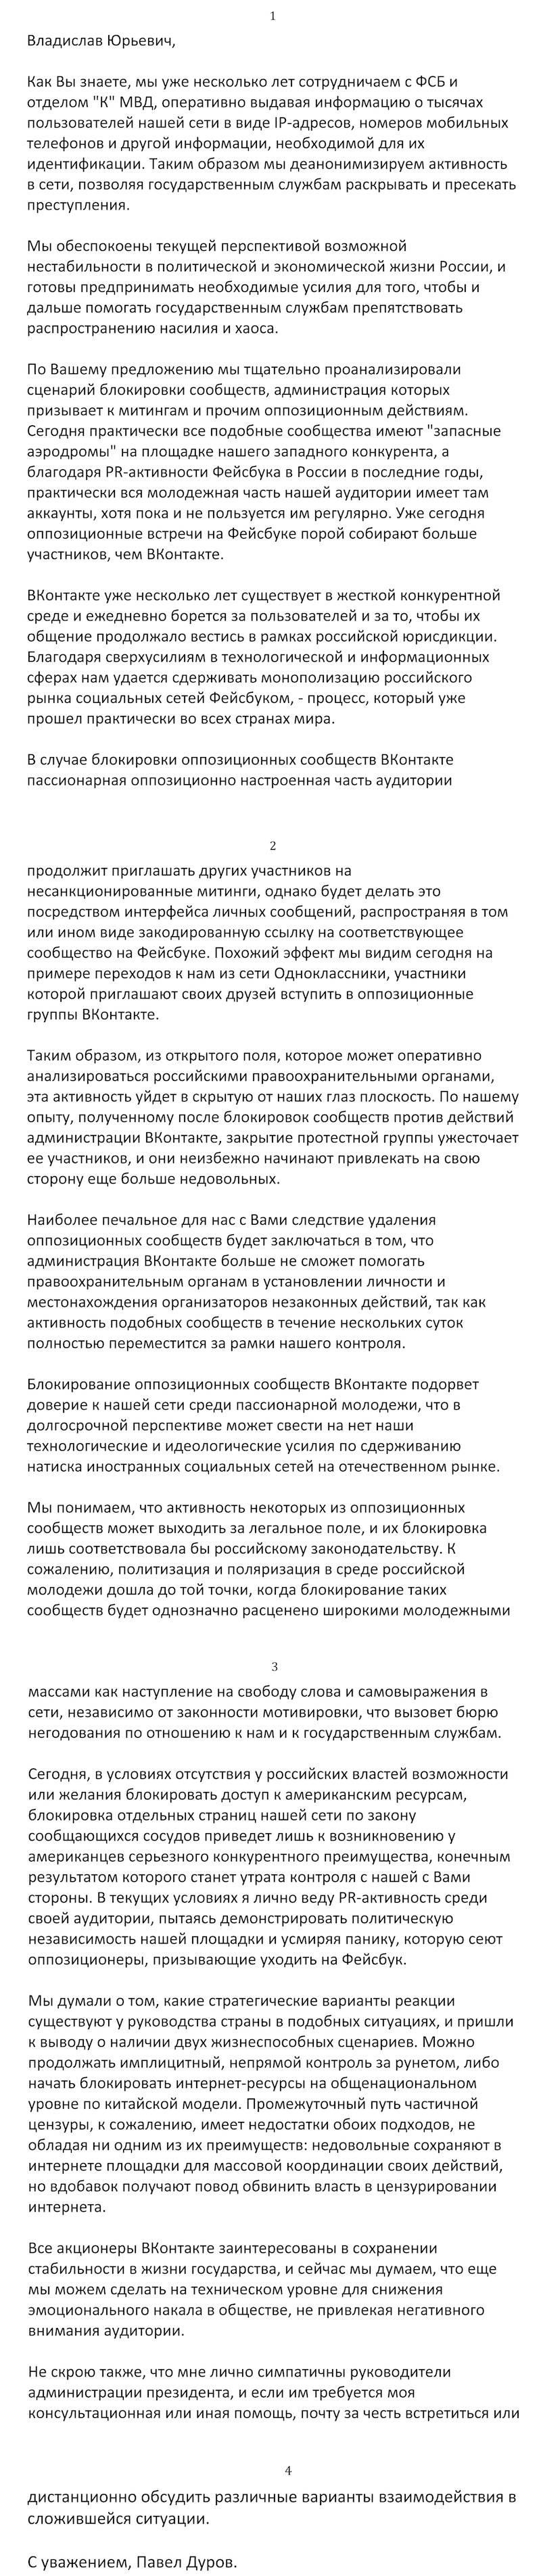 Durovin kirje Surkoville